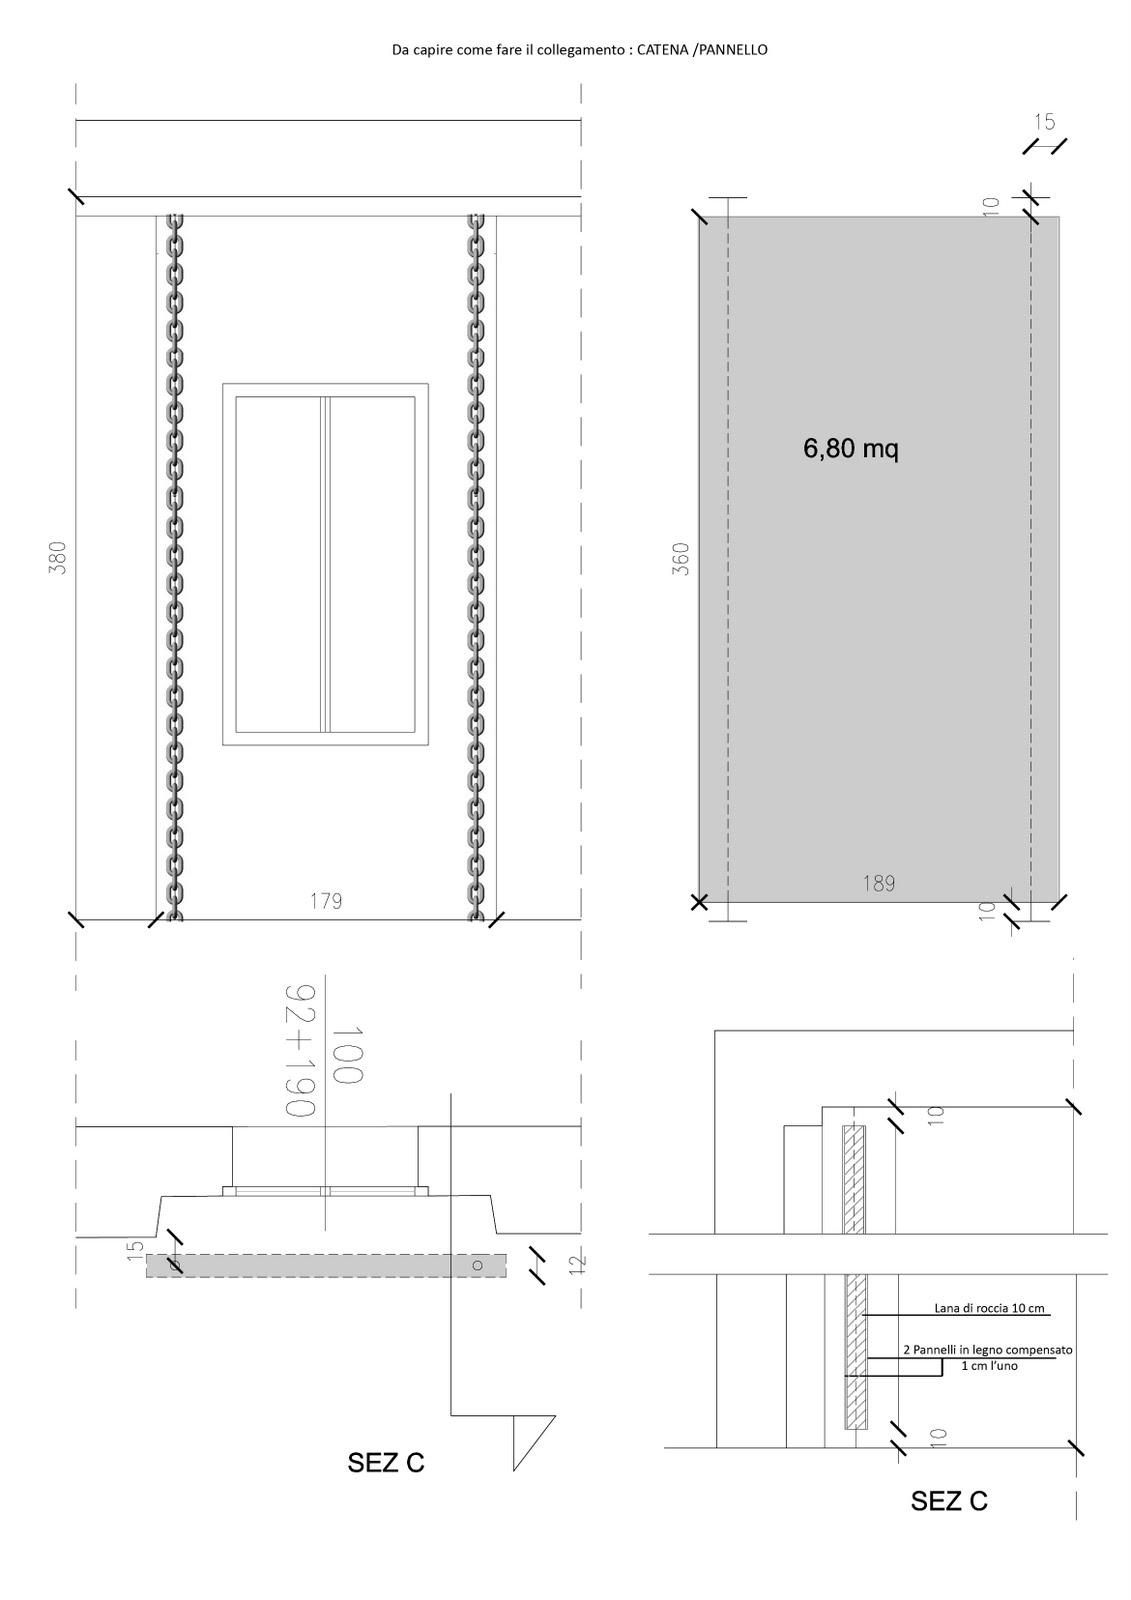 officine creative: pannelli e tende per isolamento acustico